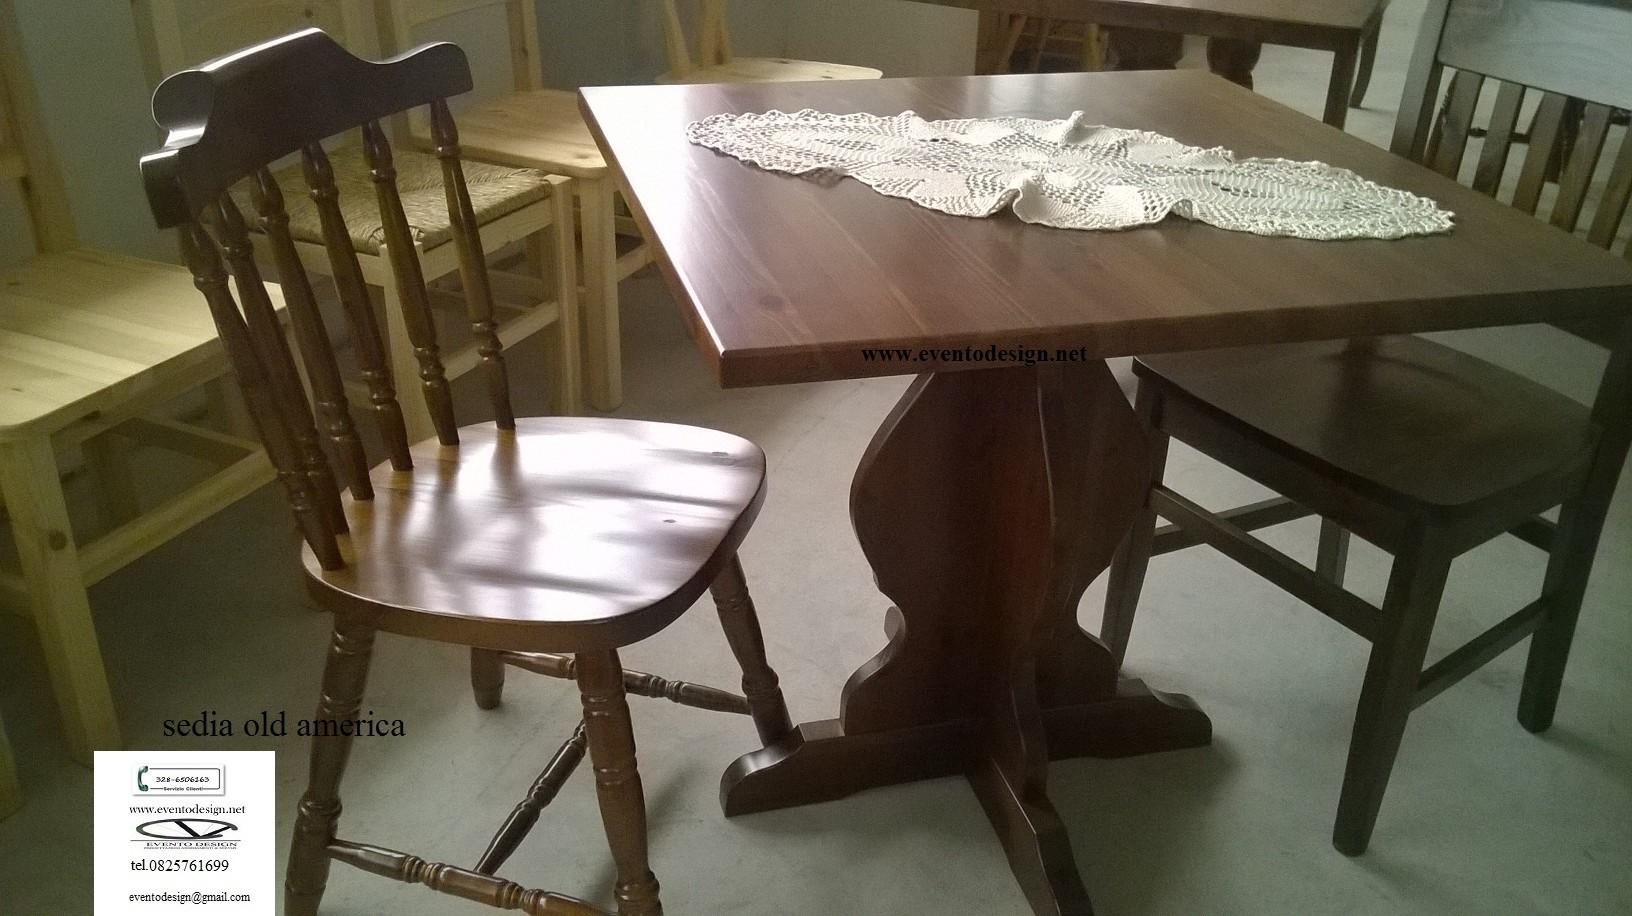 Tavoli E Sedie Da Pub : Arredi per pub tavoli in legno e sostegni tavoli per irish pub